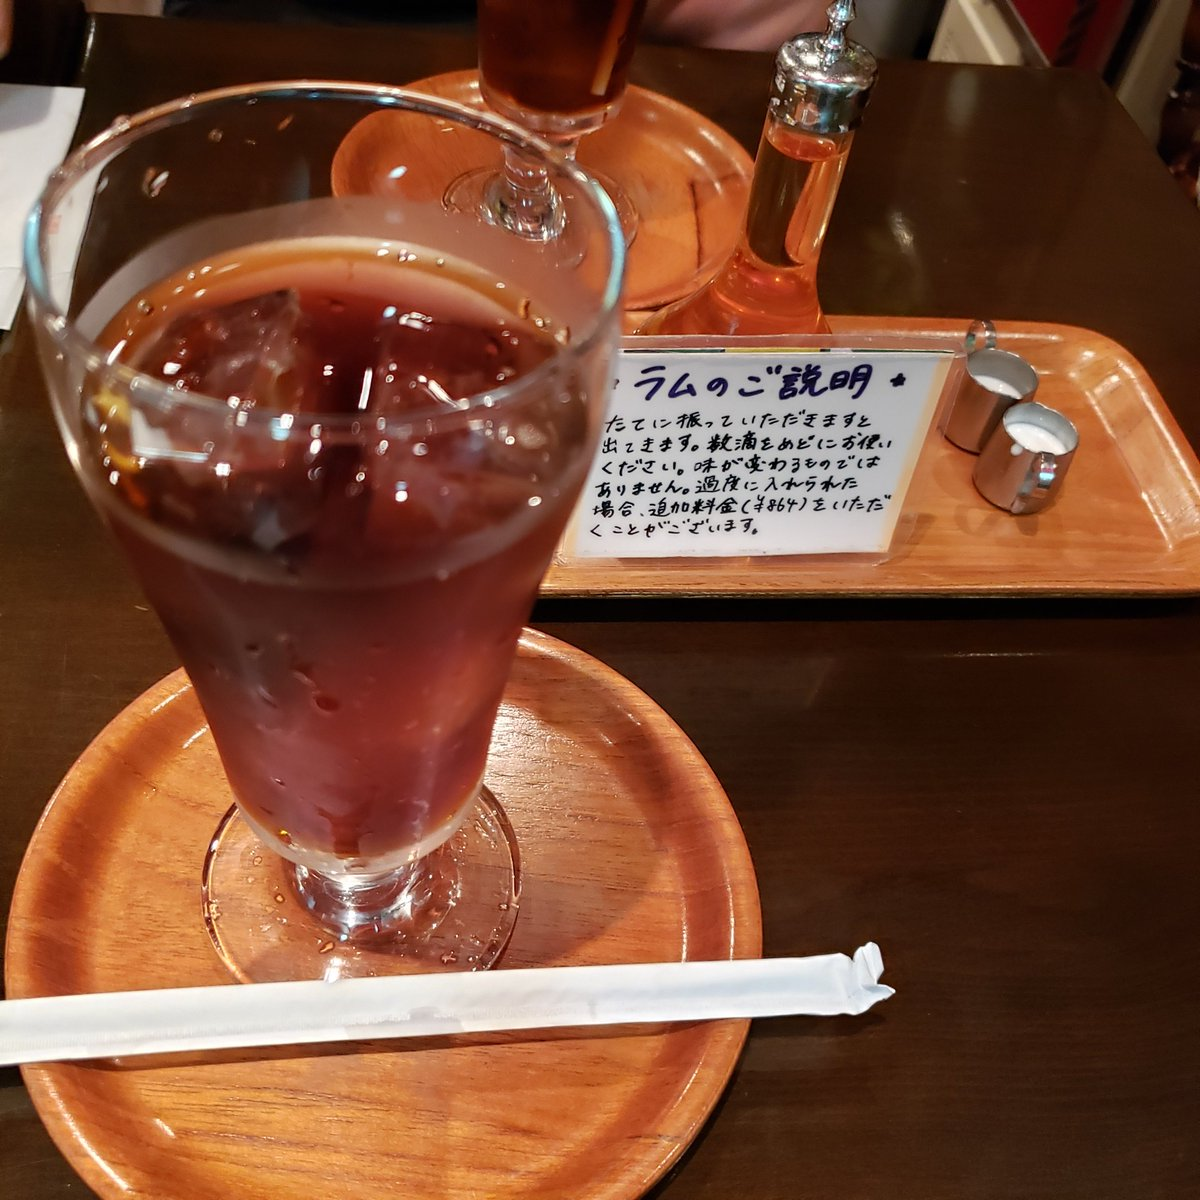 test ツイッターメディア - 明日のマツコの知らない世界に出るドライカレー、このお店のだと思うのです。わたしはカレーが乗ったトーストを食べたんですが、確かに美味しかった! あとコーヒーにラム酒垂らすのが珍しかったです。 新宿サブナードにあるよ。 https://t.co/Djhpty2zyg